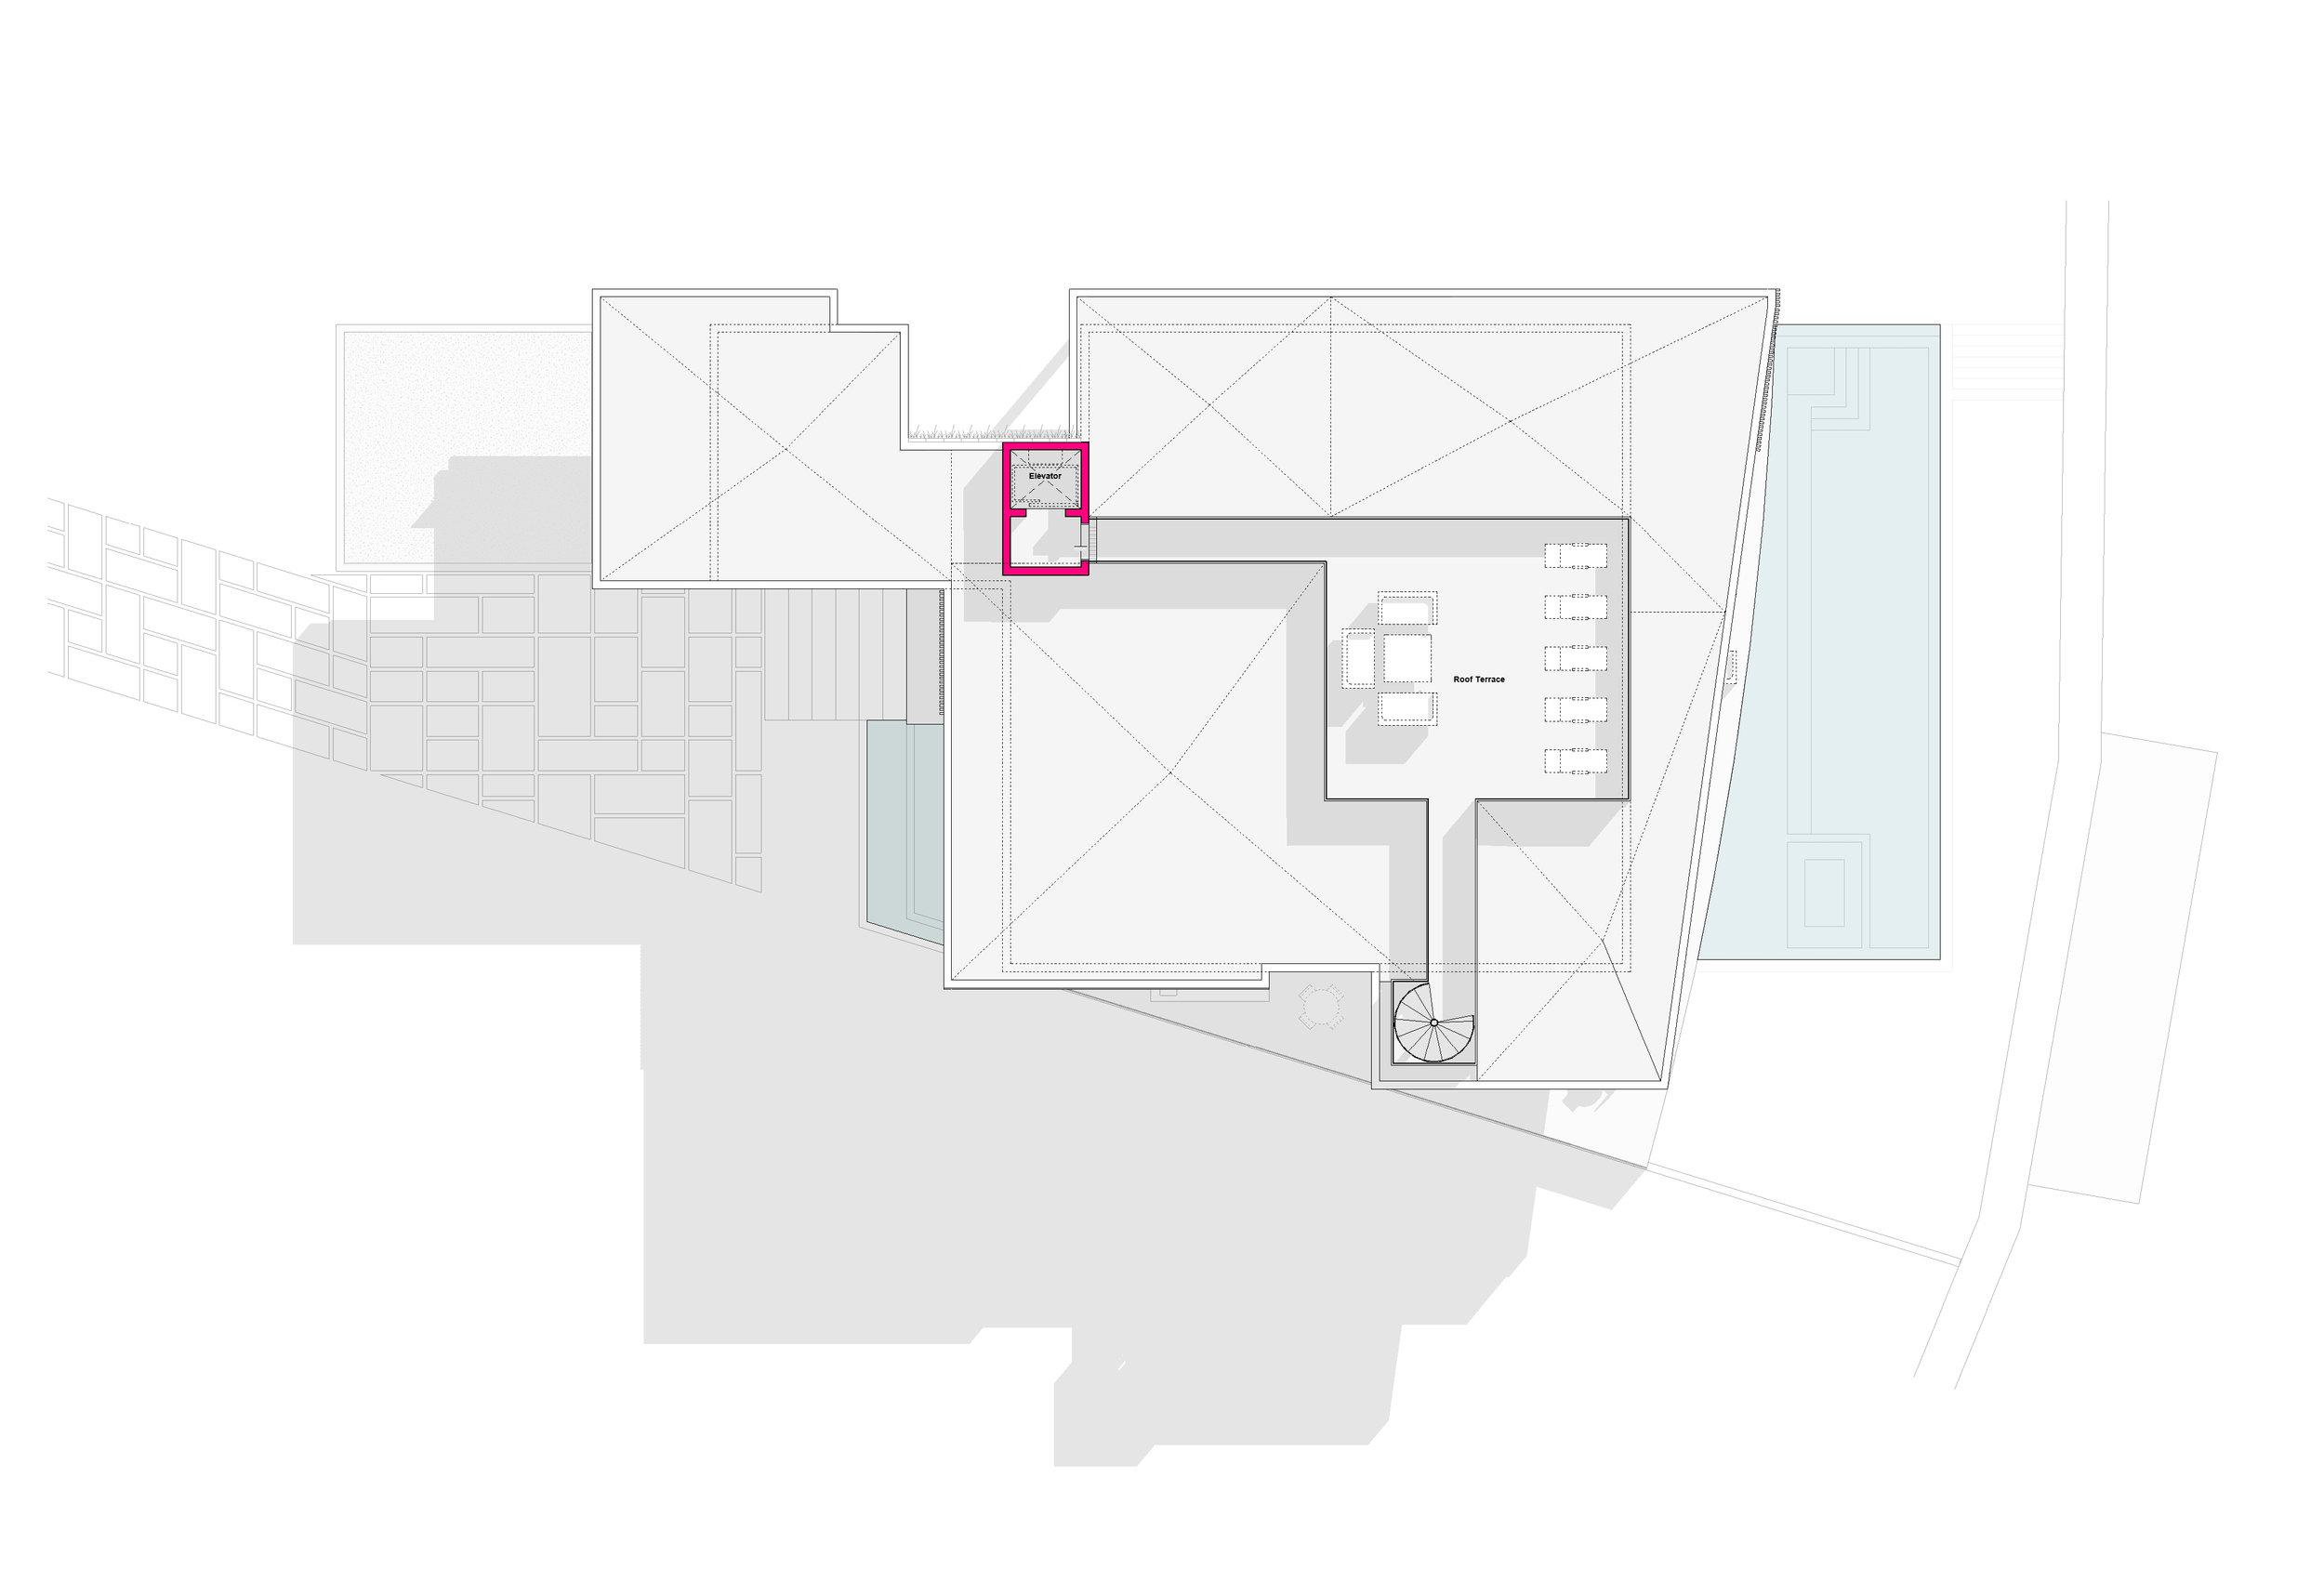 SAN MARINO - Sheet - X3 - Roof Plan.jpg